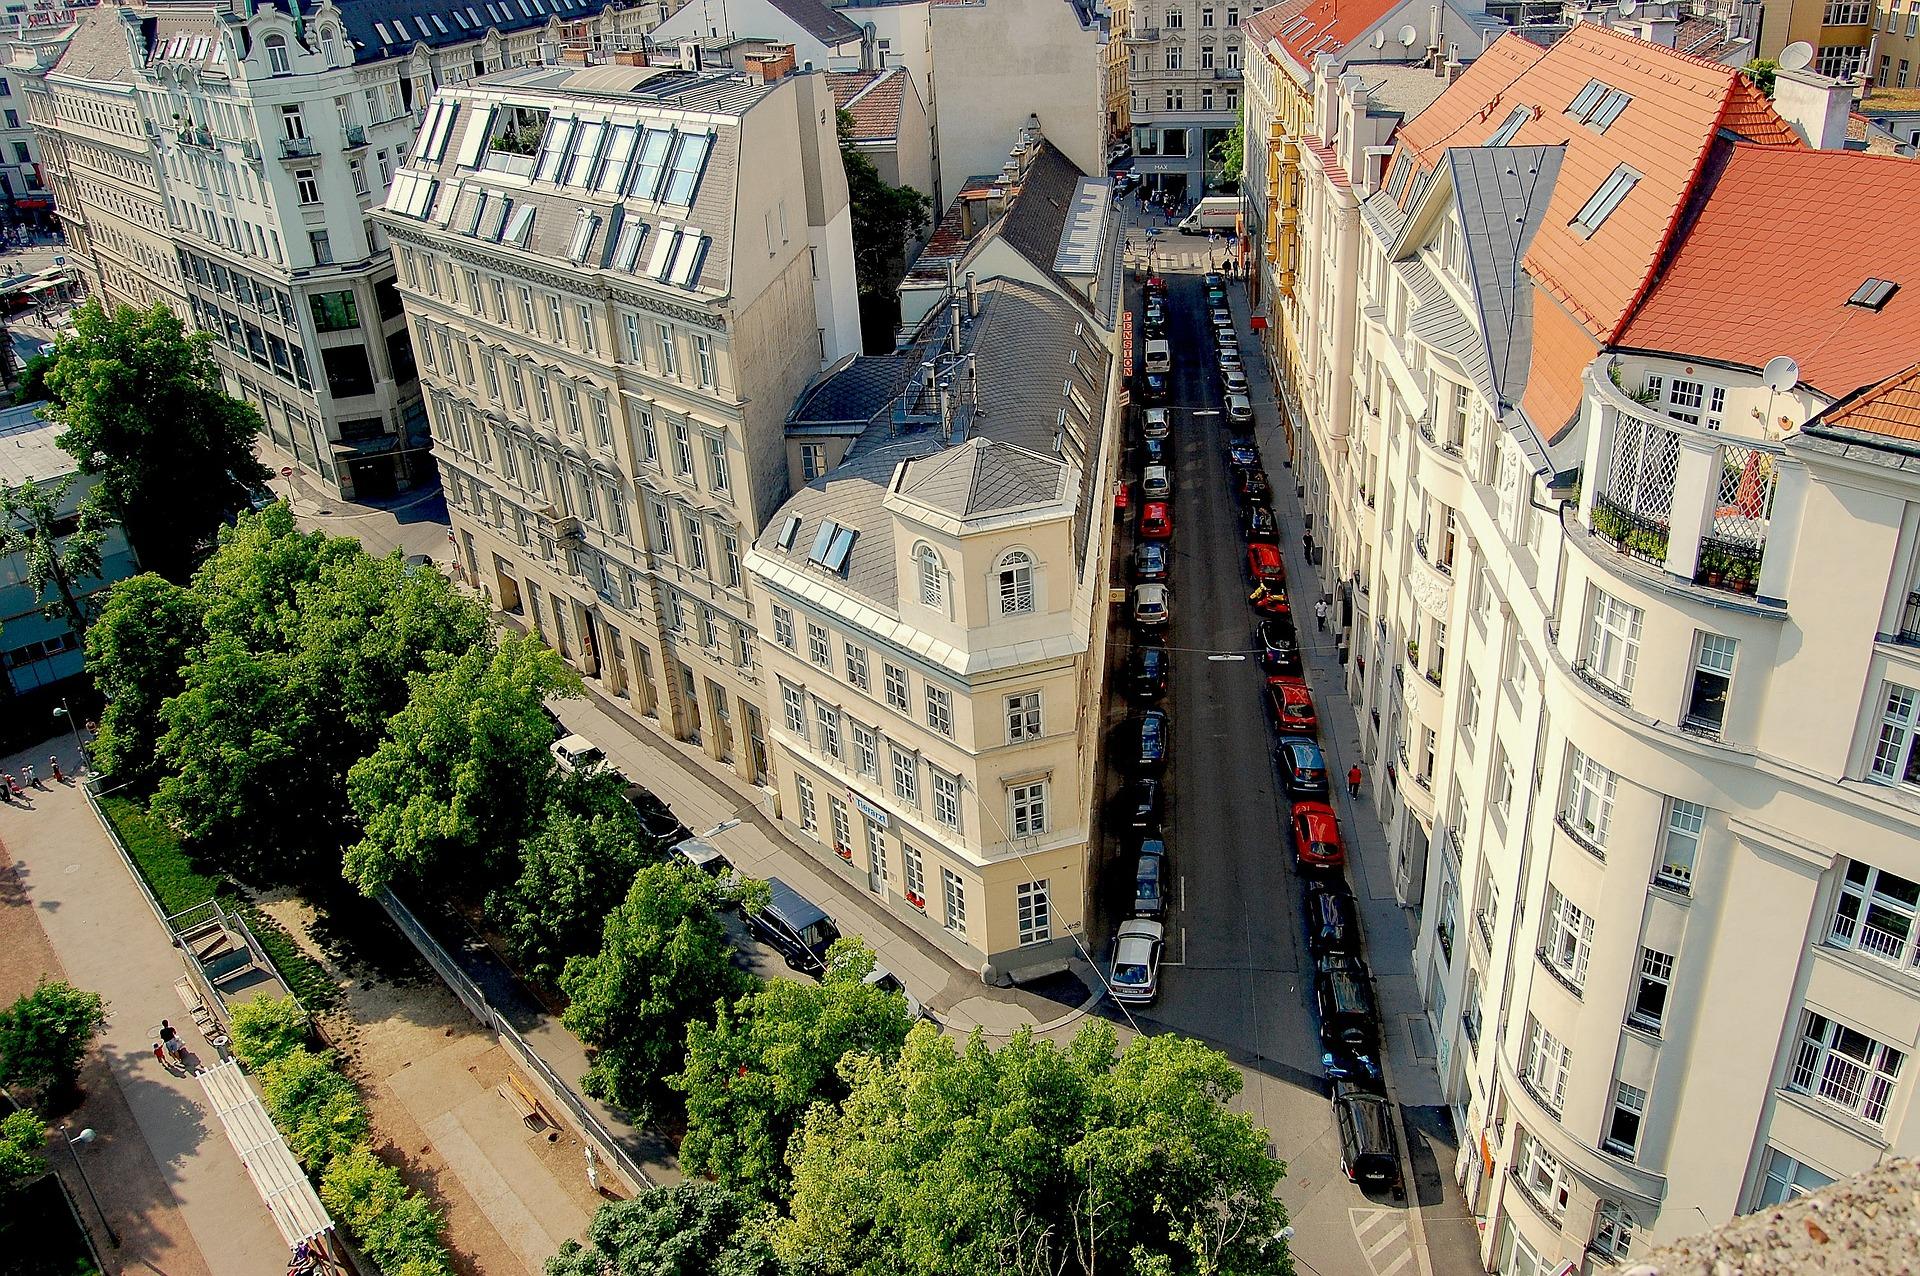 Аренда квартиры в вене где лучше купить квартиру за границей у моря